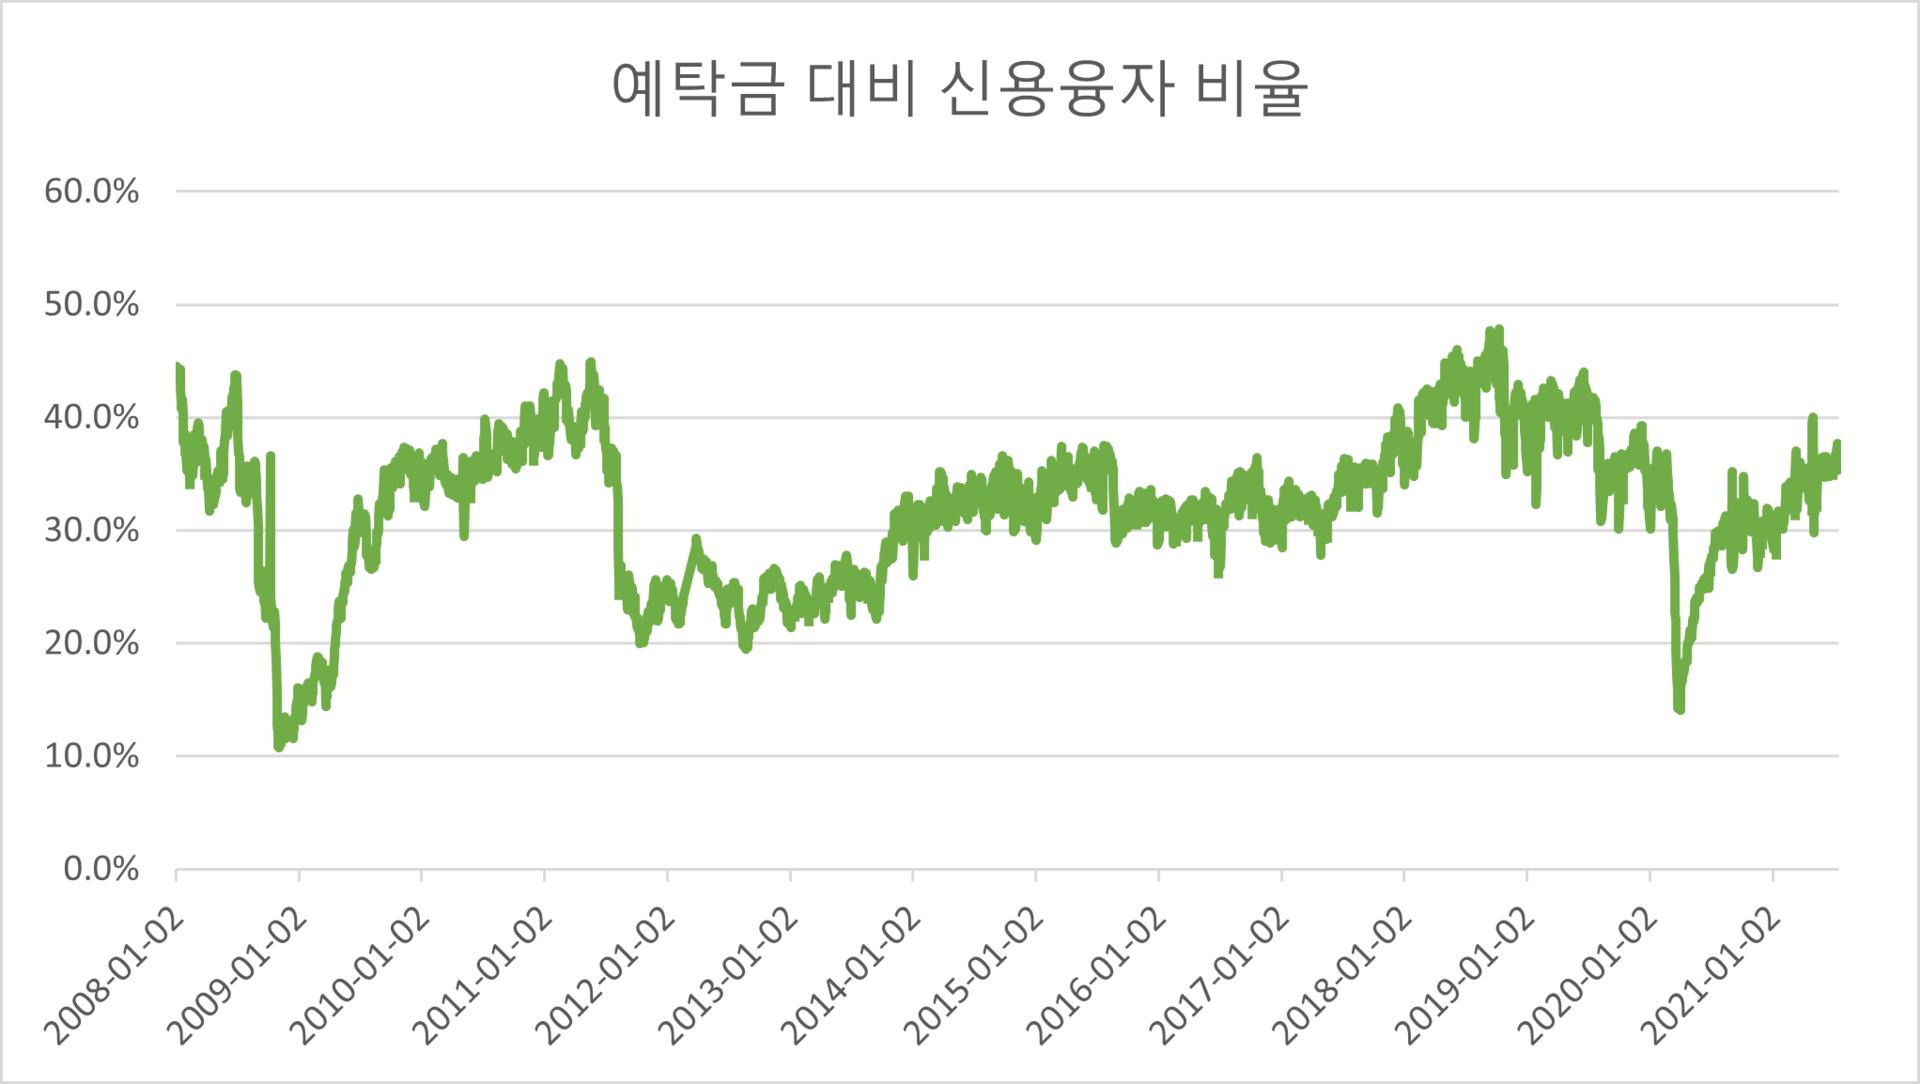 고객예탁금 대비 신용융자 비율, 계산 : lovefund이성수 / 원자료 : 금융투자협회